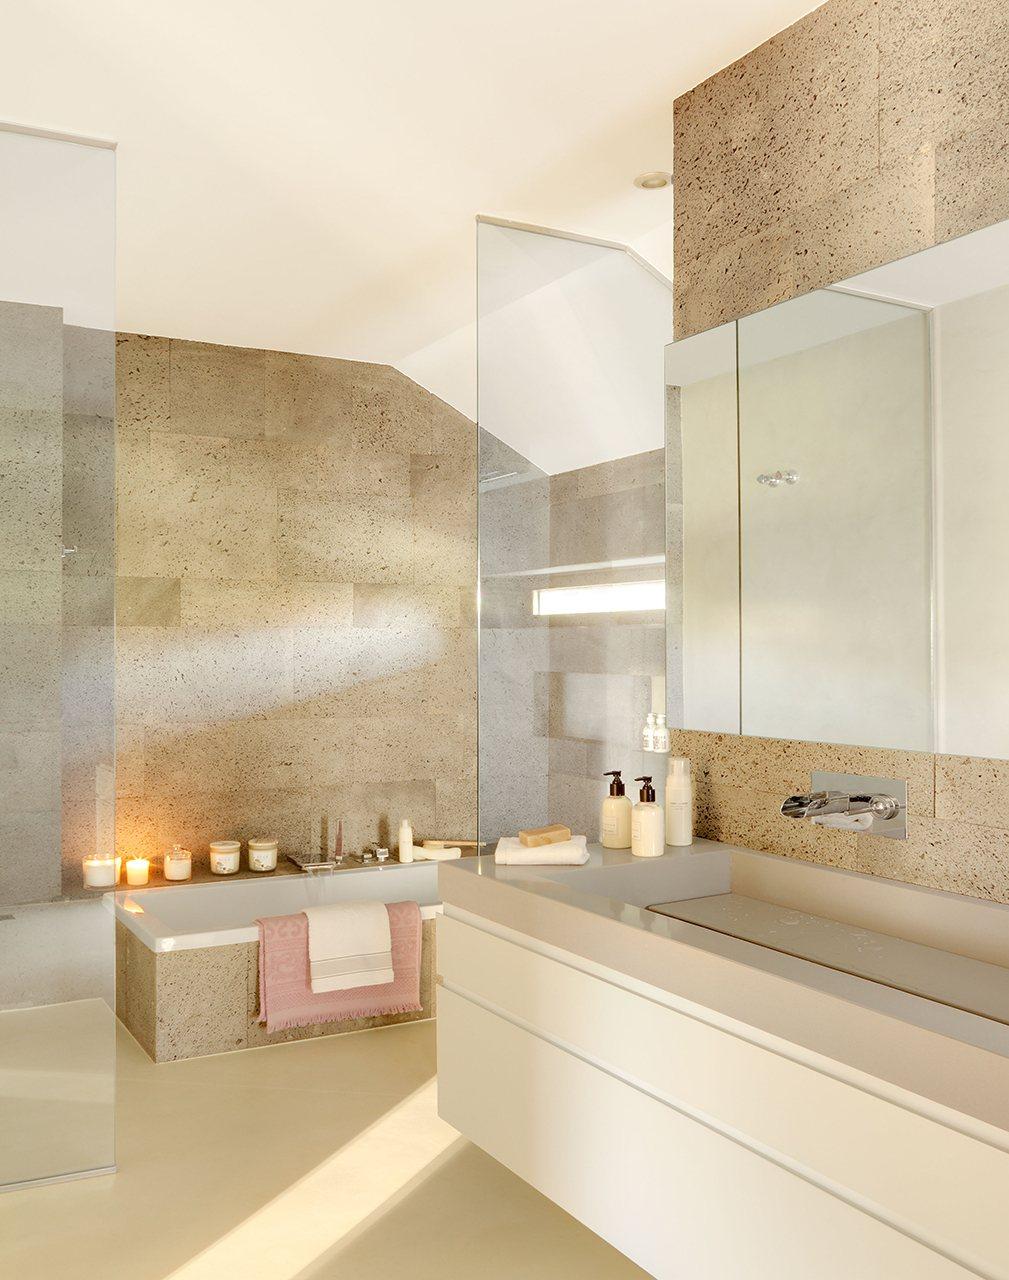 Los suelos perfectos para tu casa resistentes y bellos - Suelos de cocina modernos ...